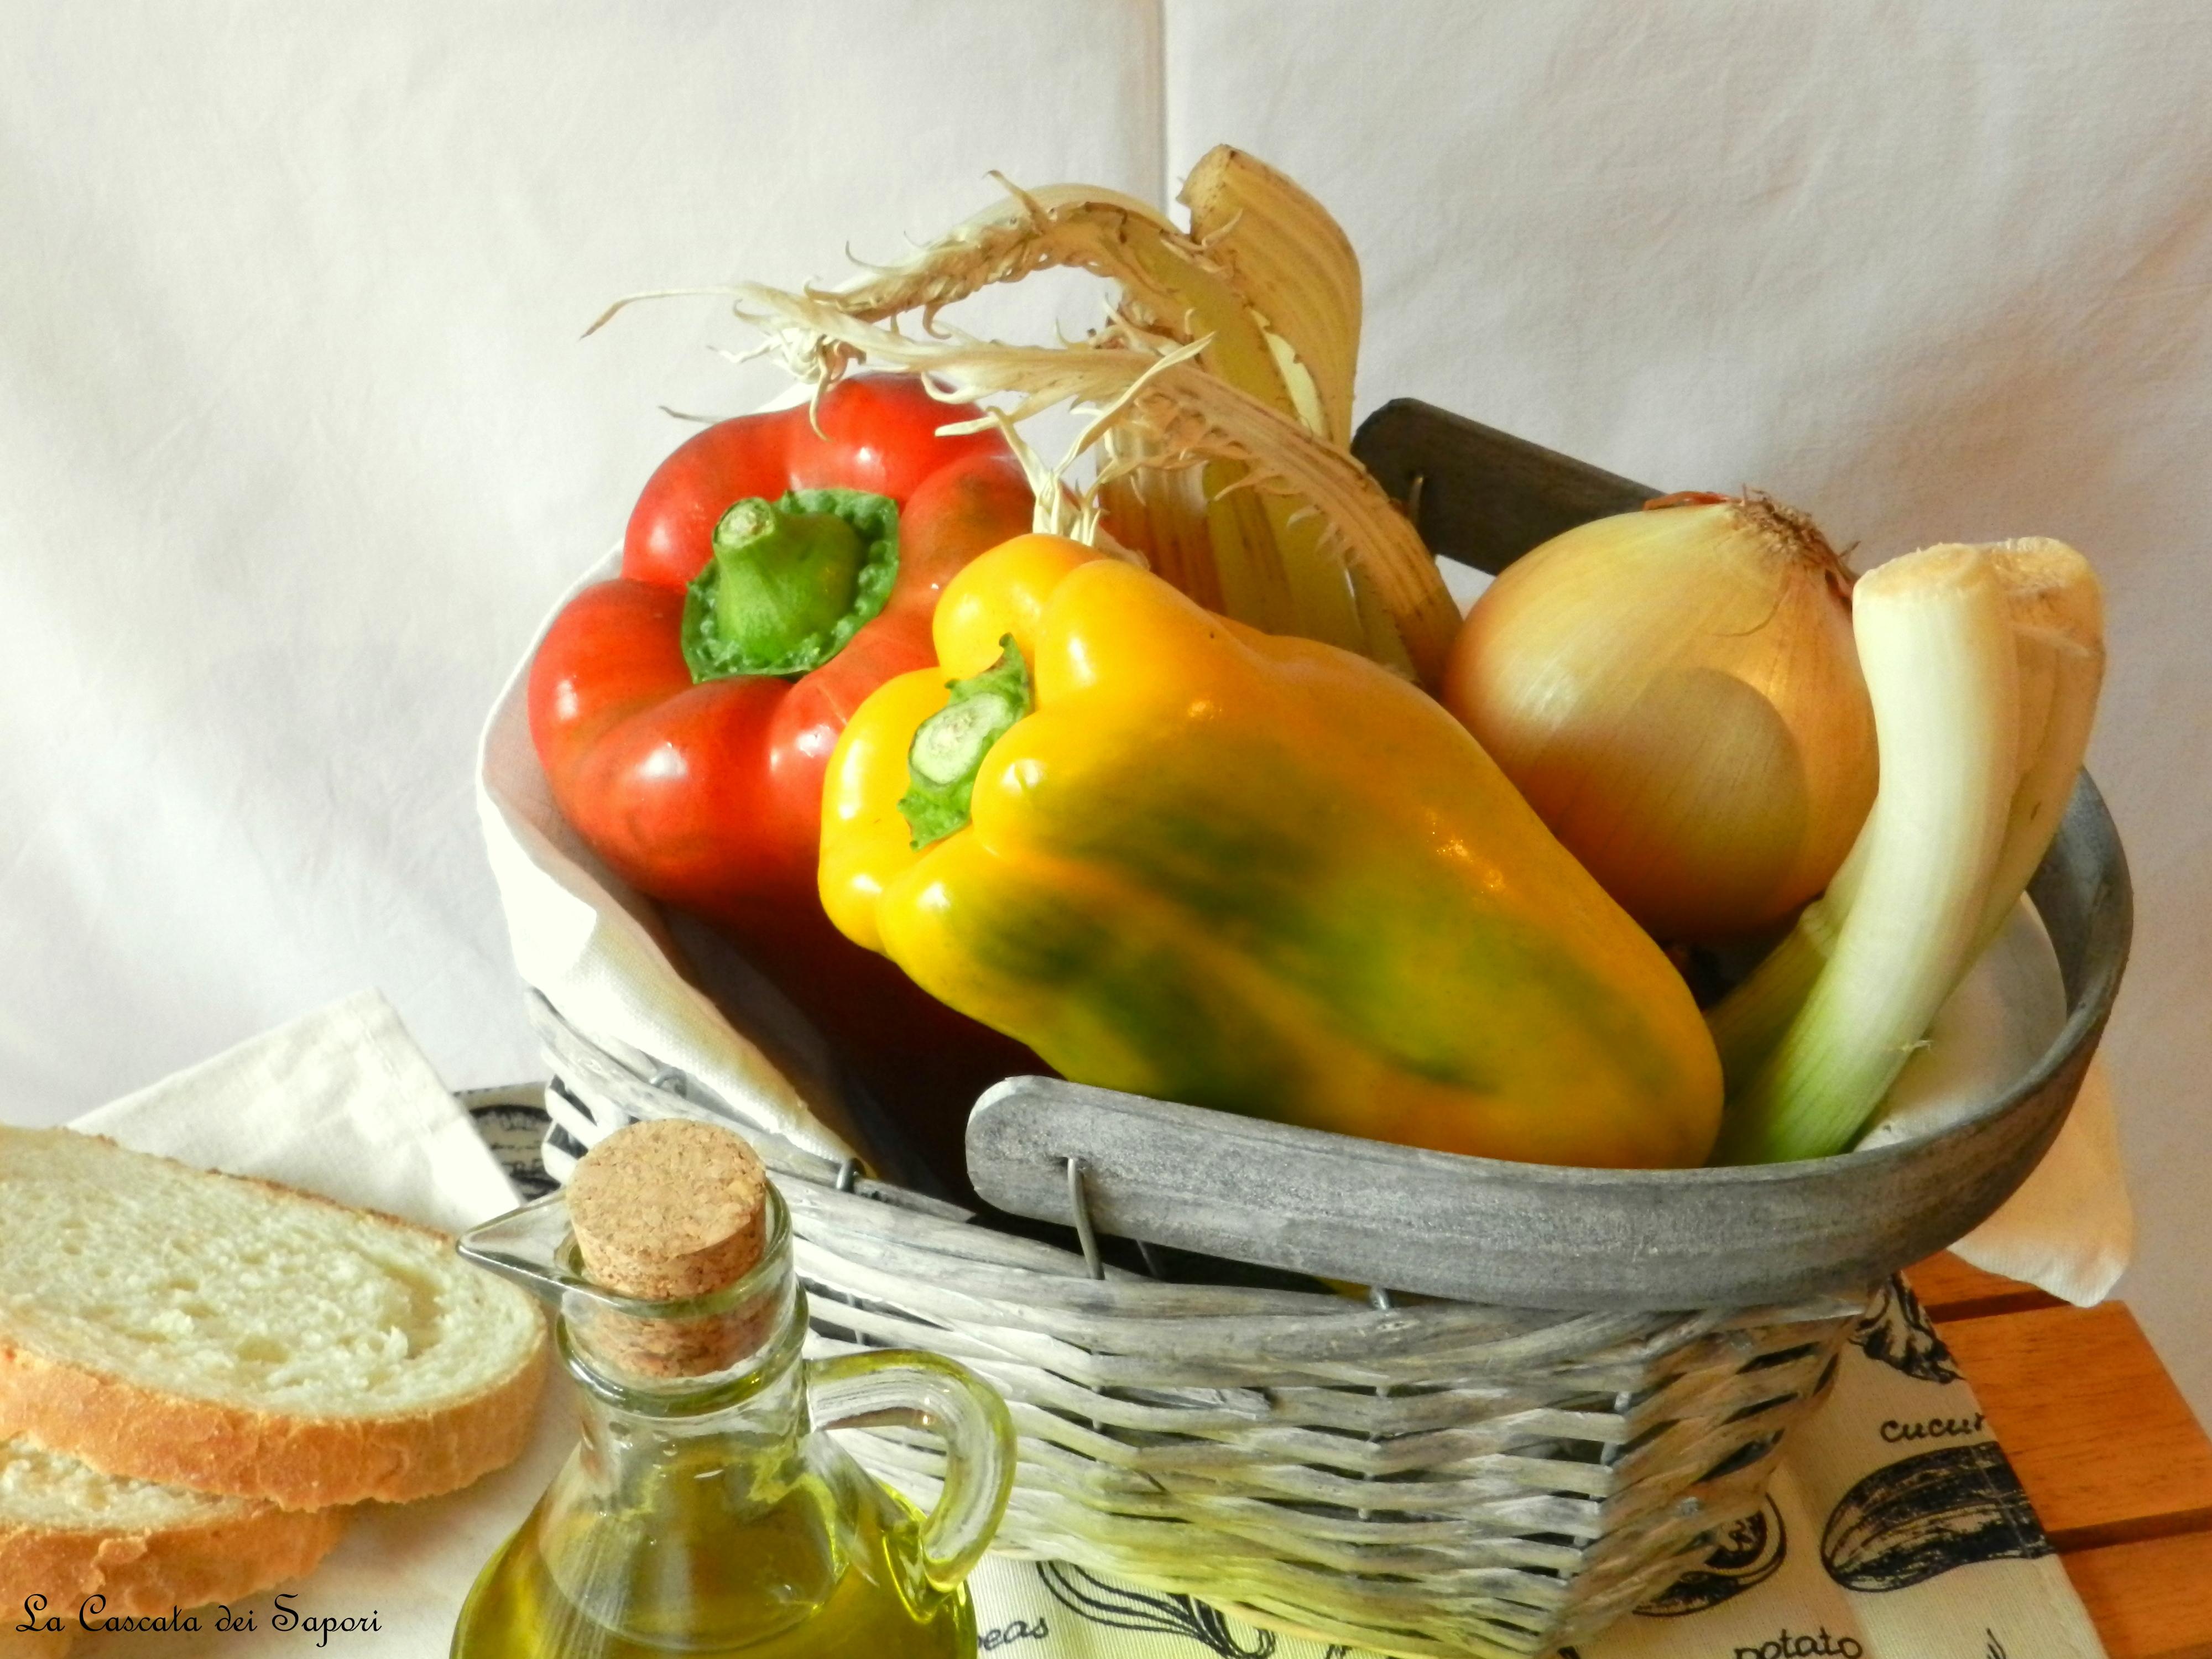 https://www.lacascatadeisapori.it/sito/wp-content/uploads/2016/02/verdure-di-stagione-bagna-c%C3%A0uda-2.jpg